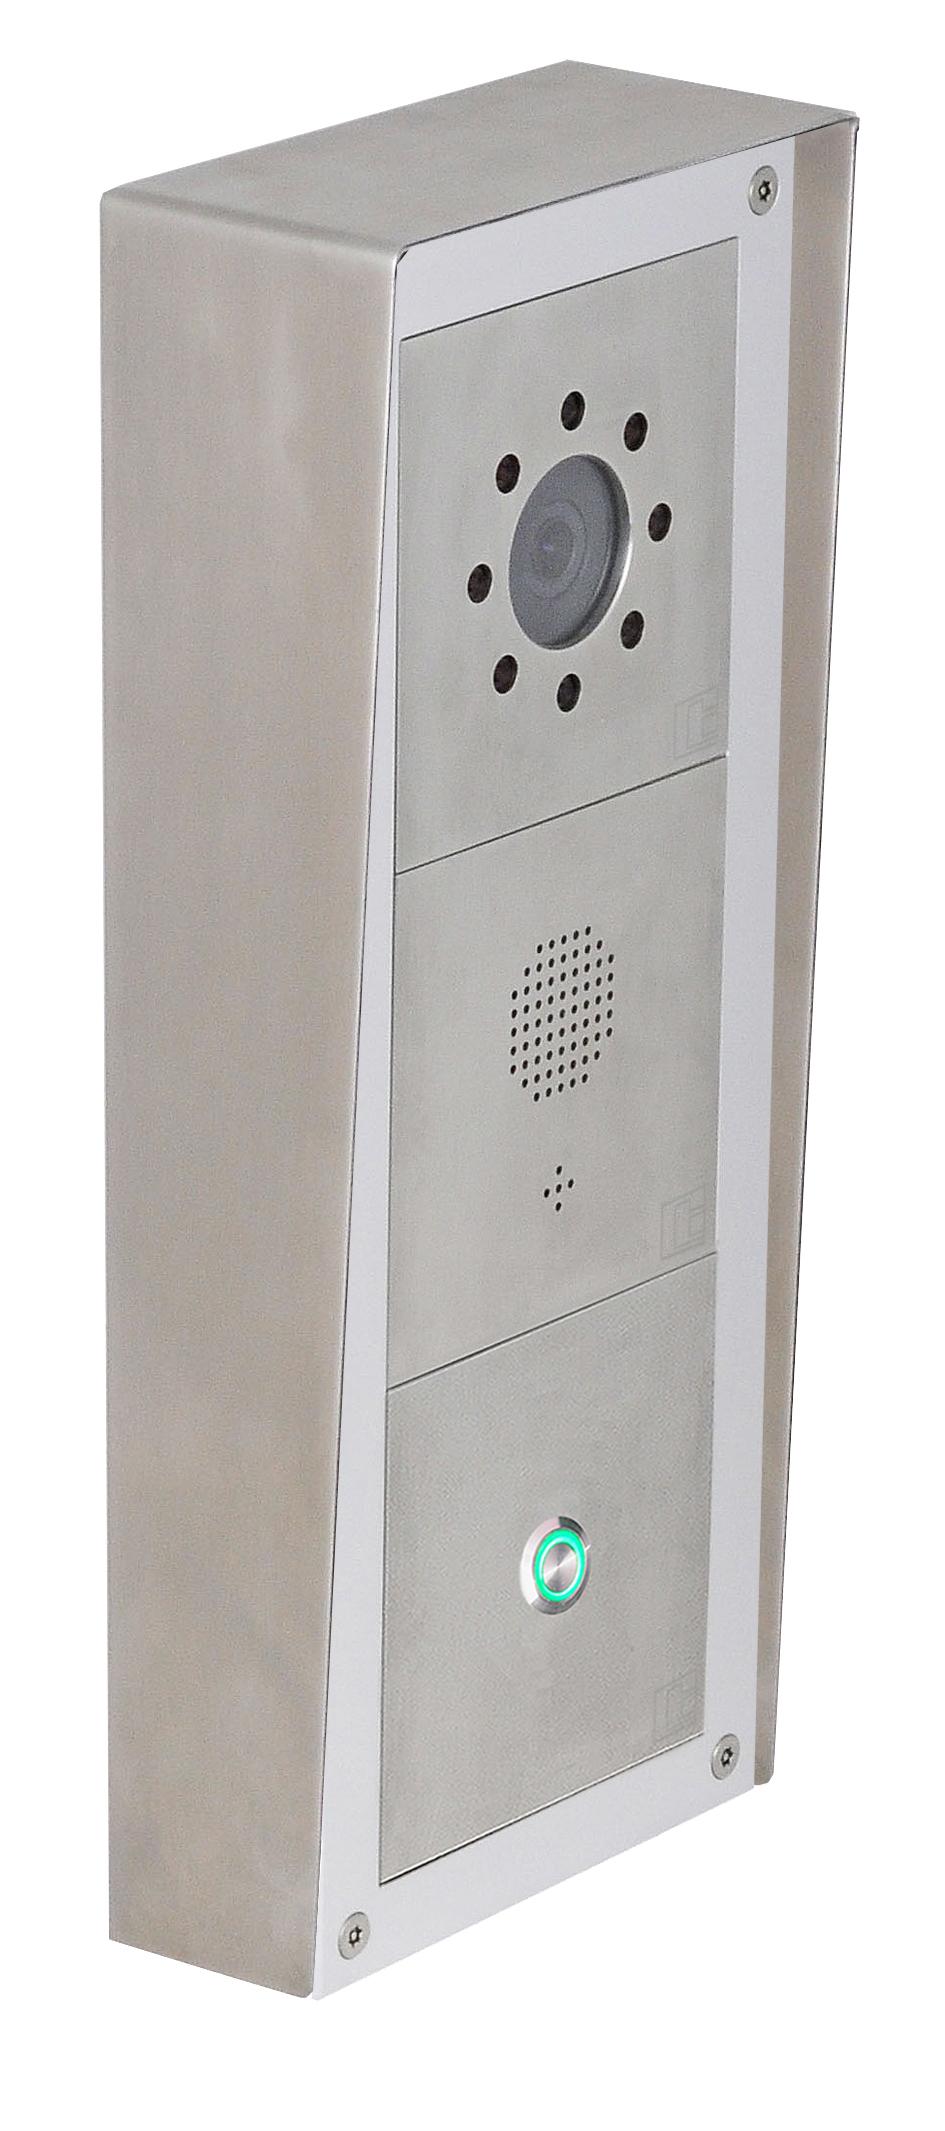 Verschmelzung von Tür- und Telefonkommunikation